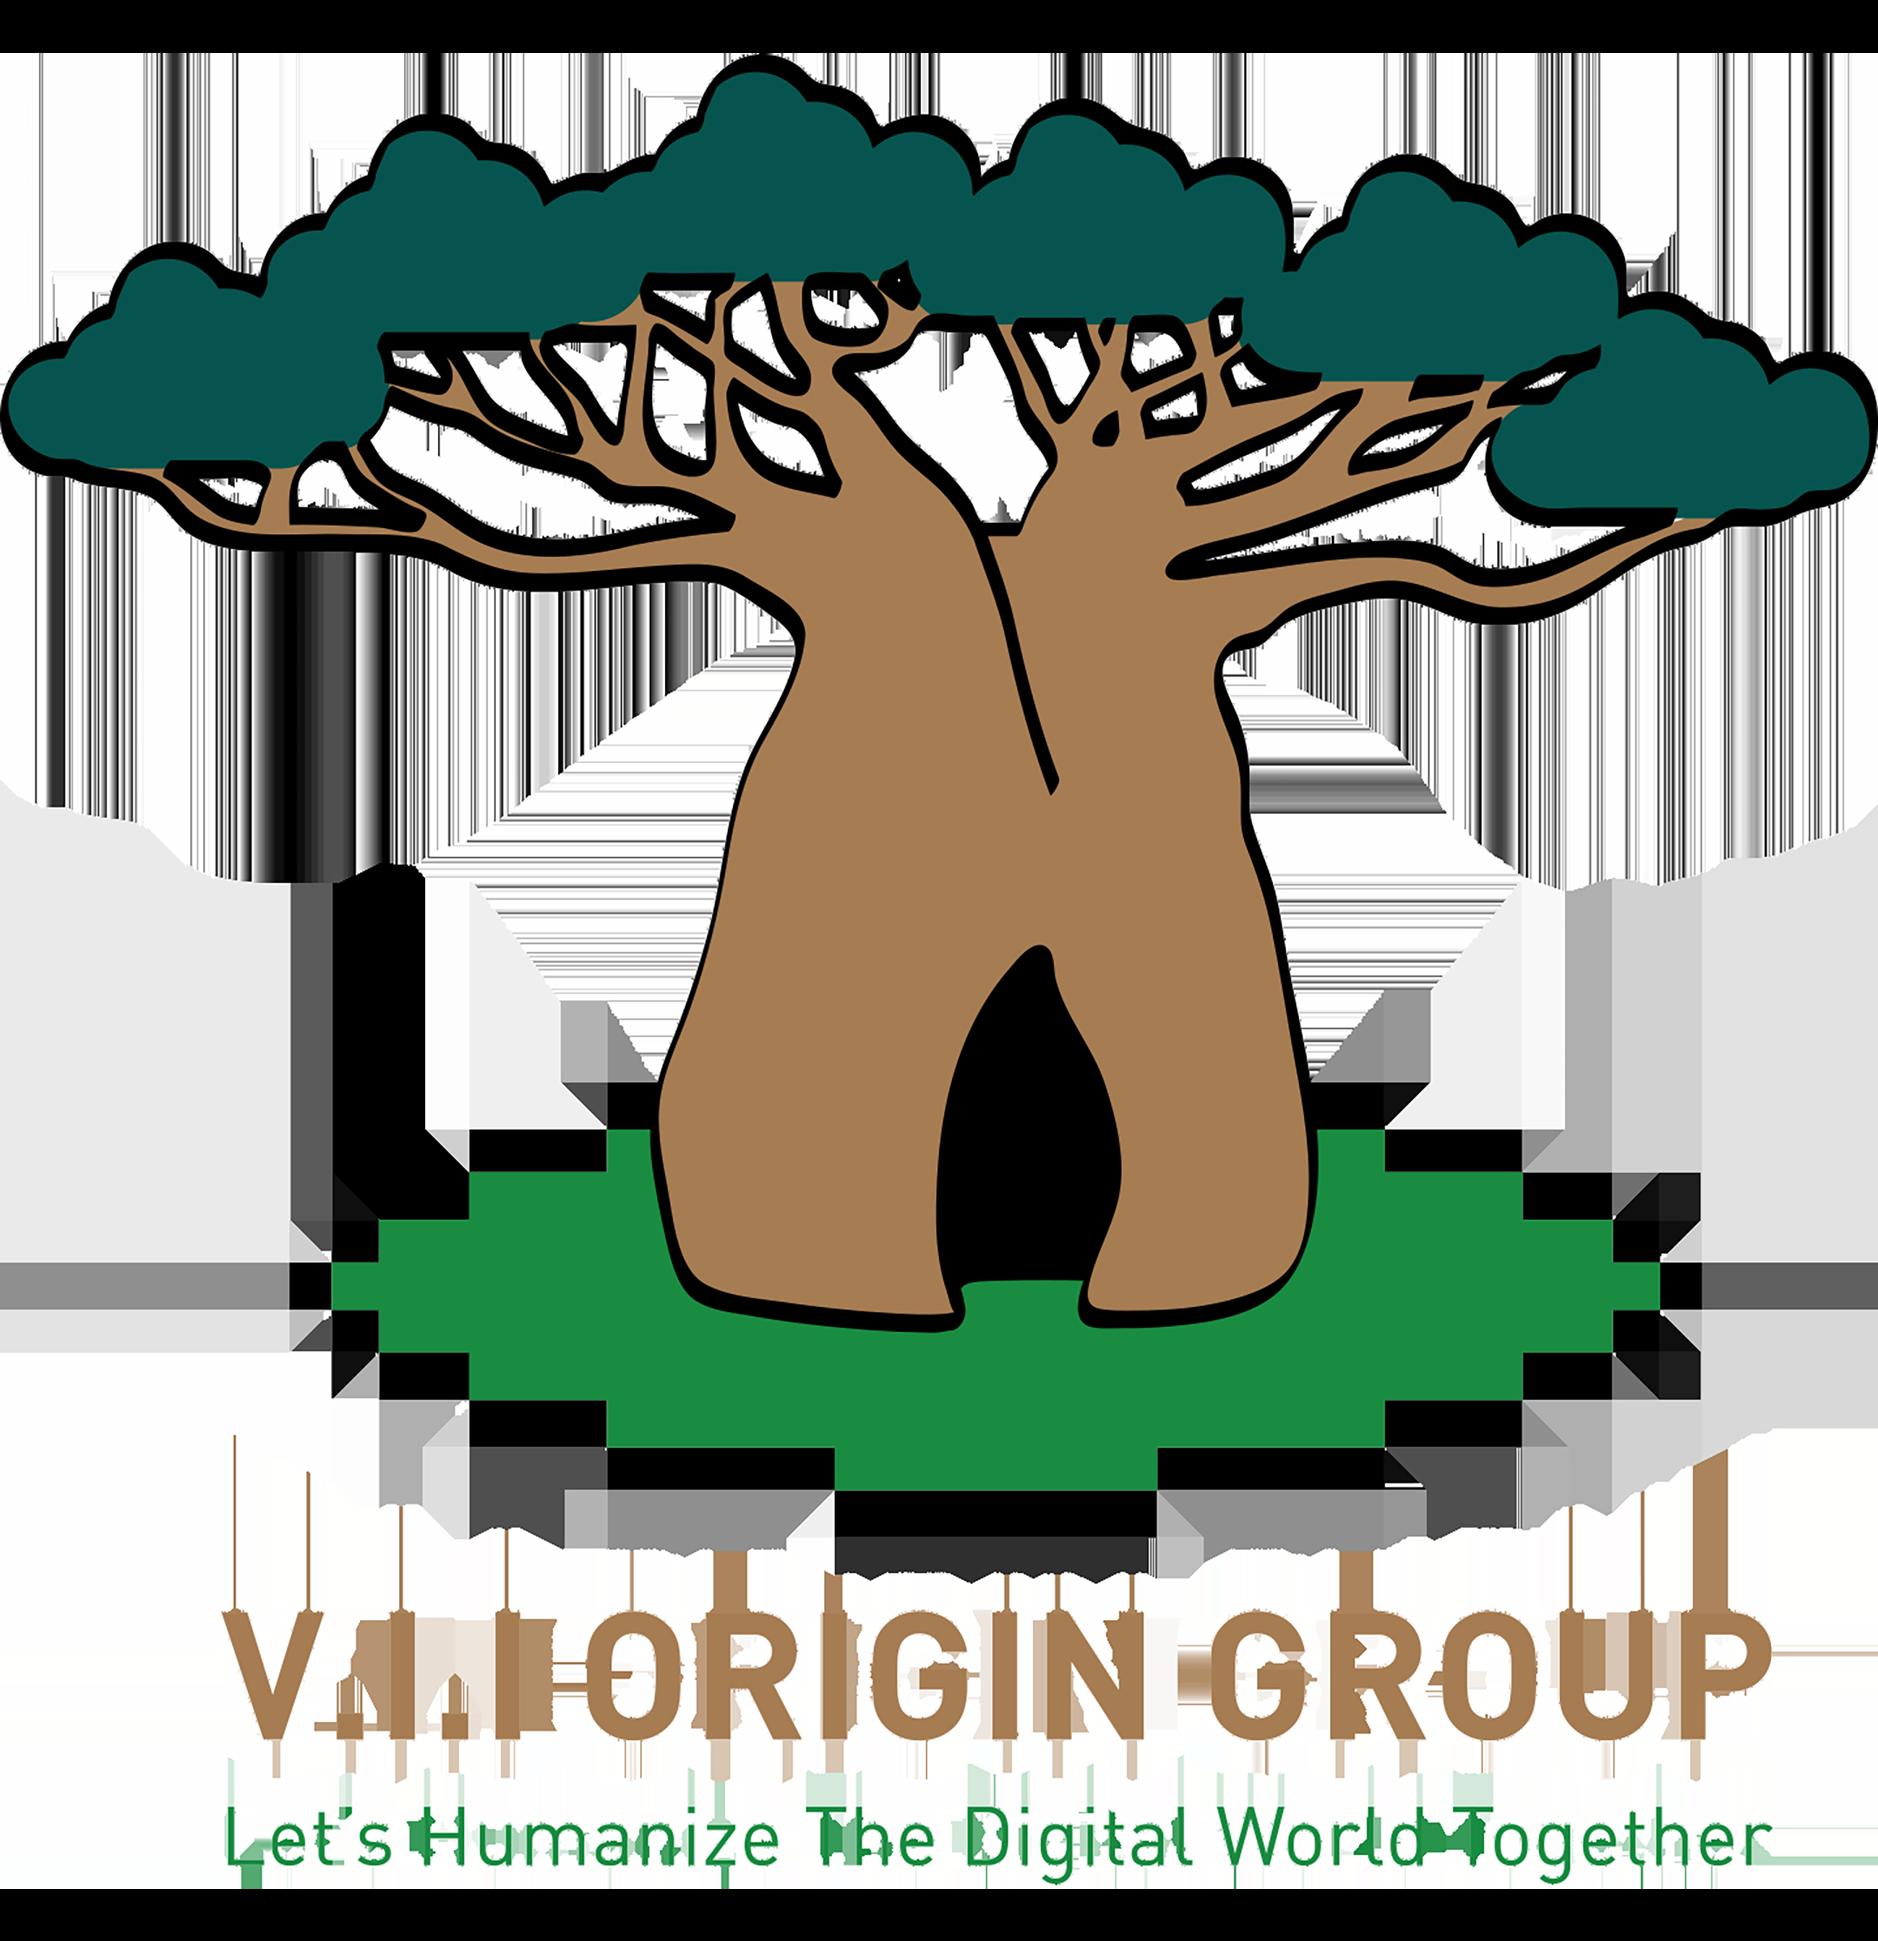 Logo de VII ORIGIN GROUP